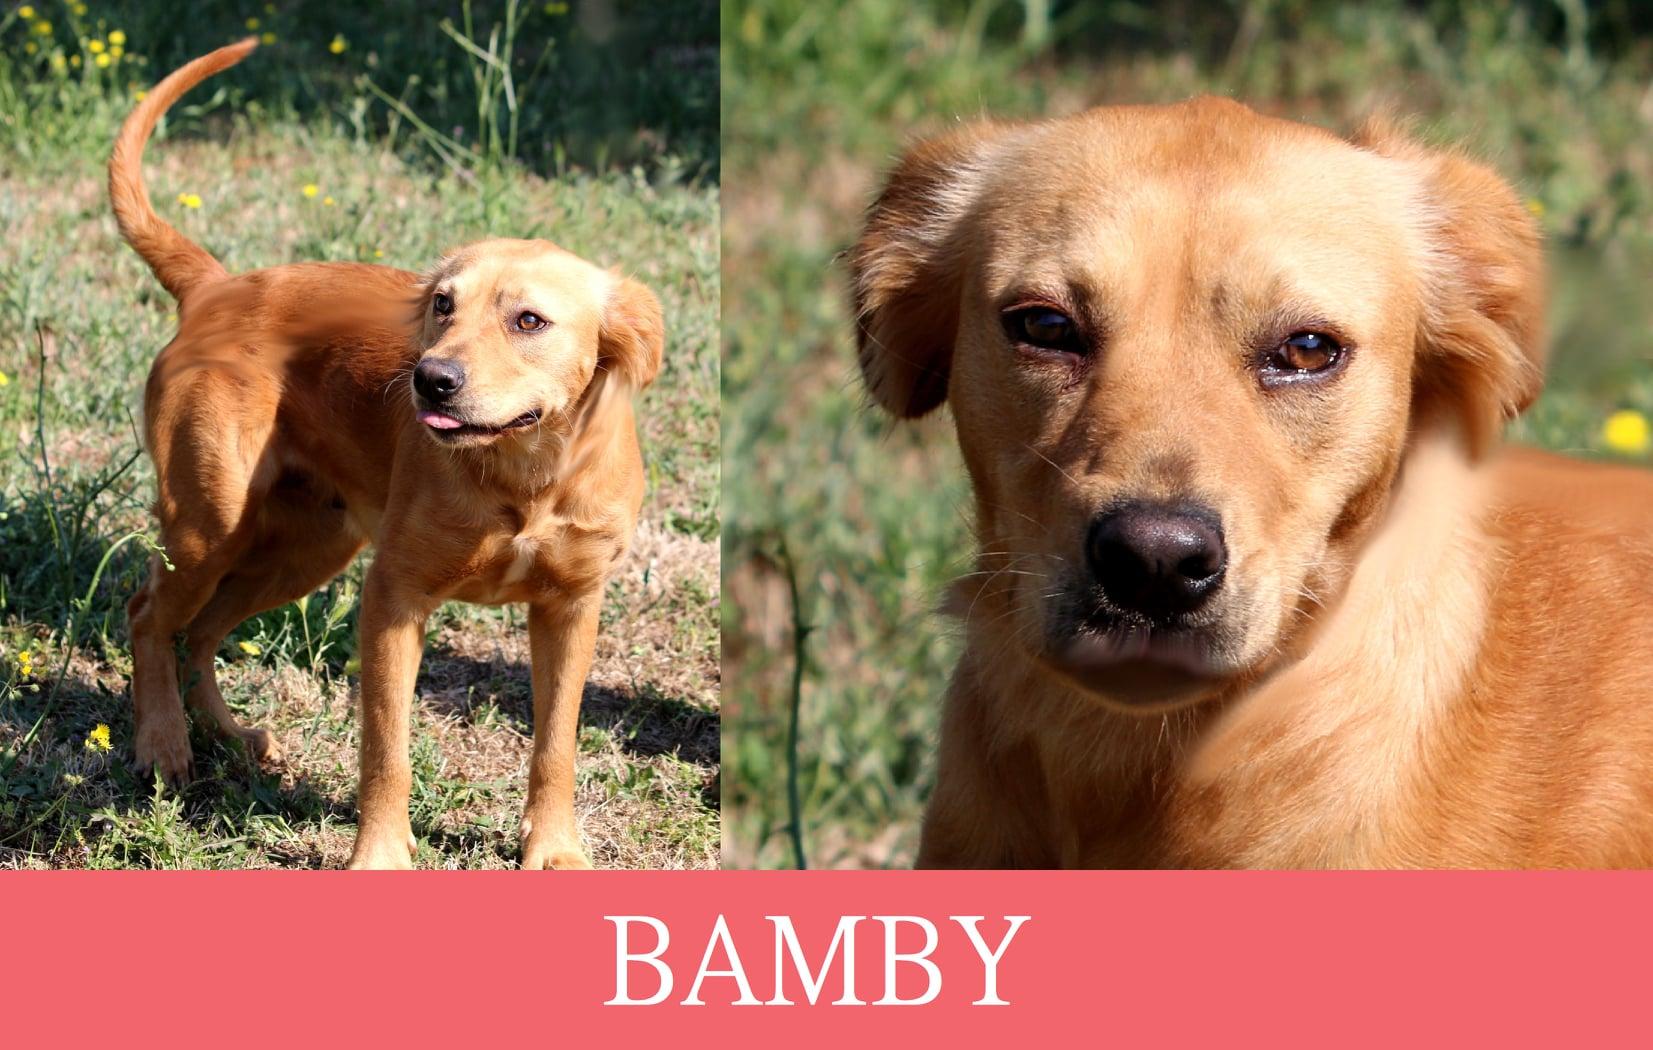 Bamby cerca casa urgente